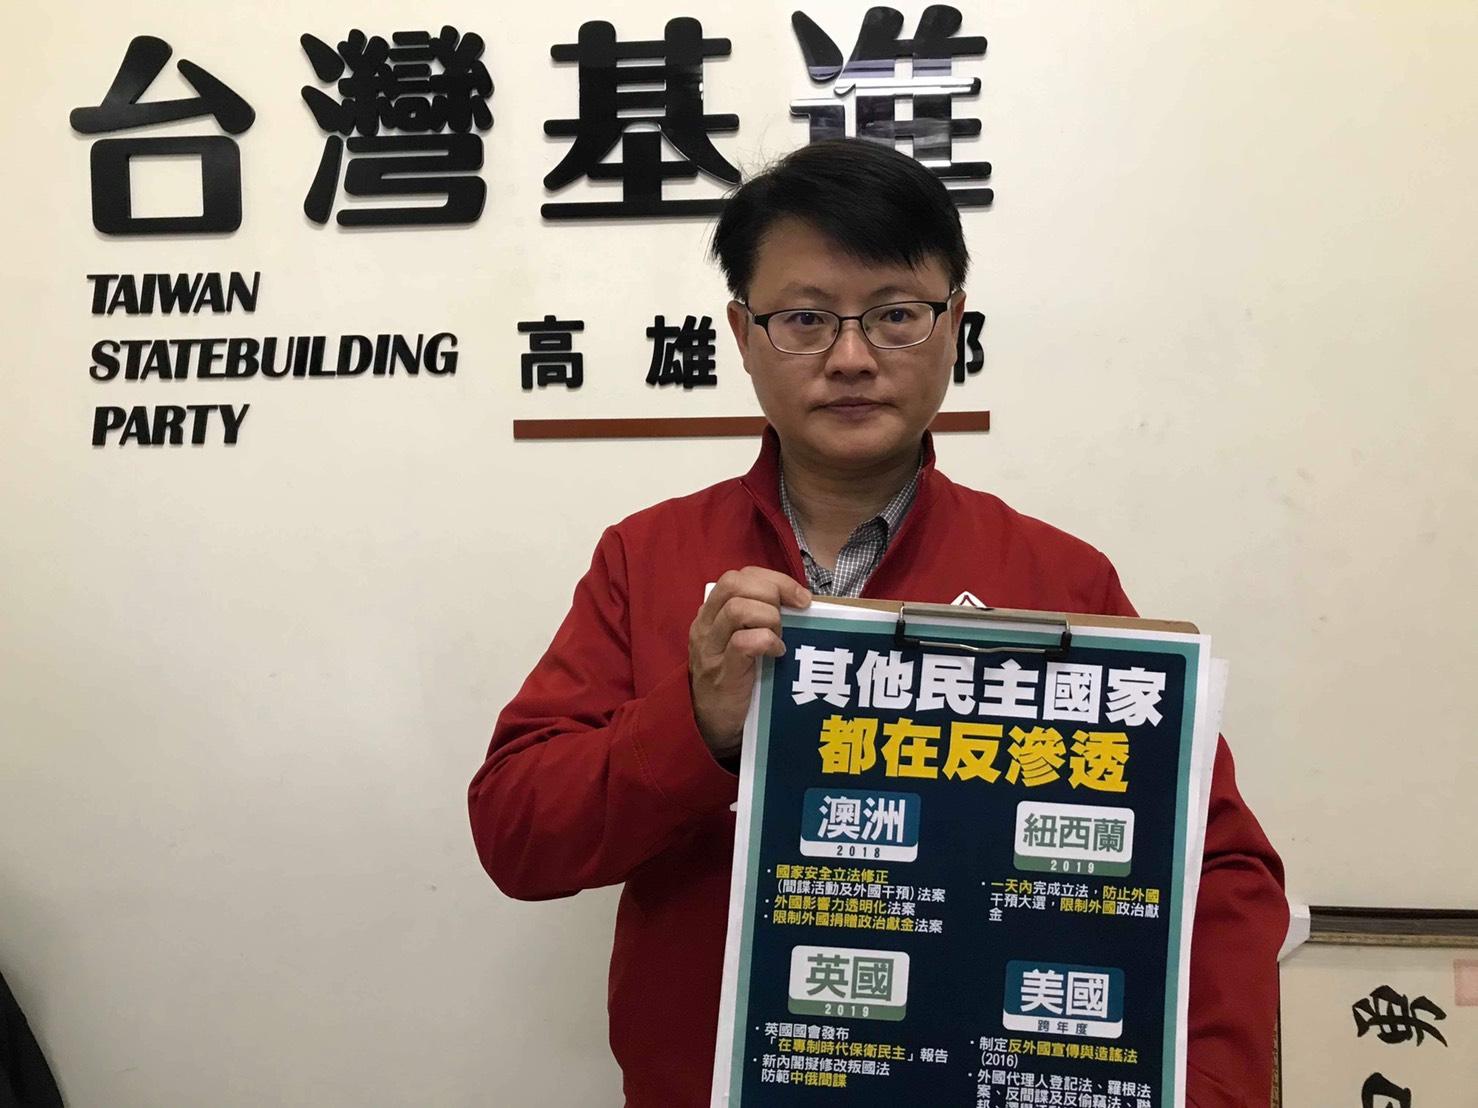 台灣基進黨主席說明世界各國都在反滲透